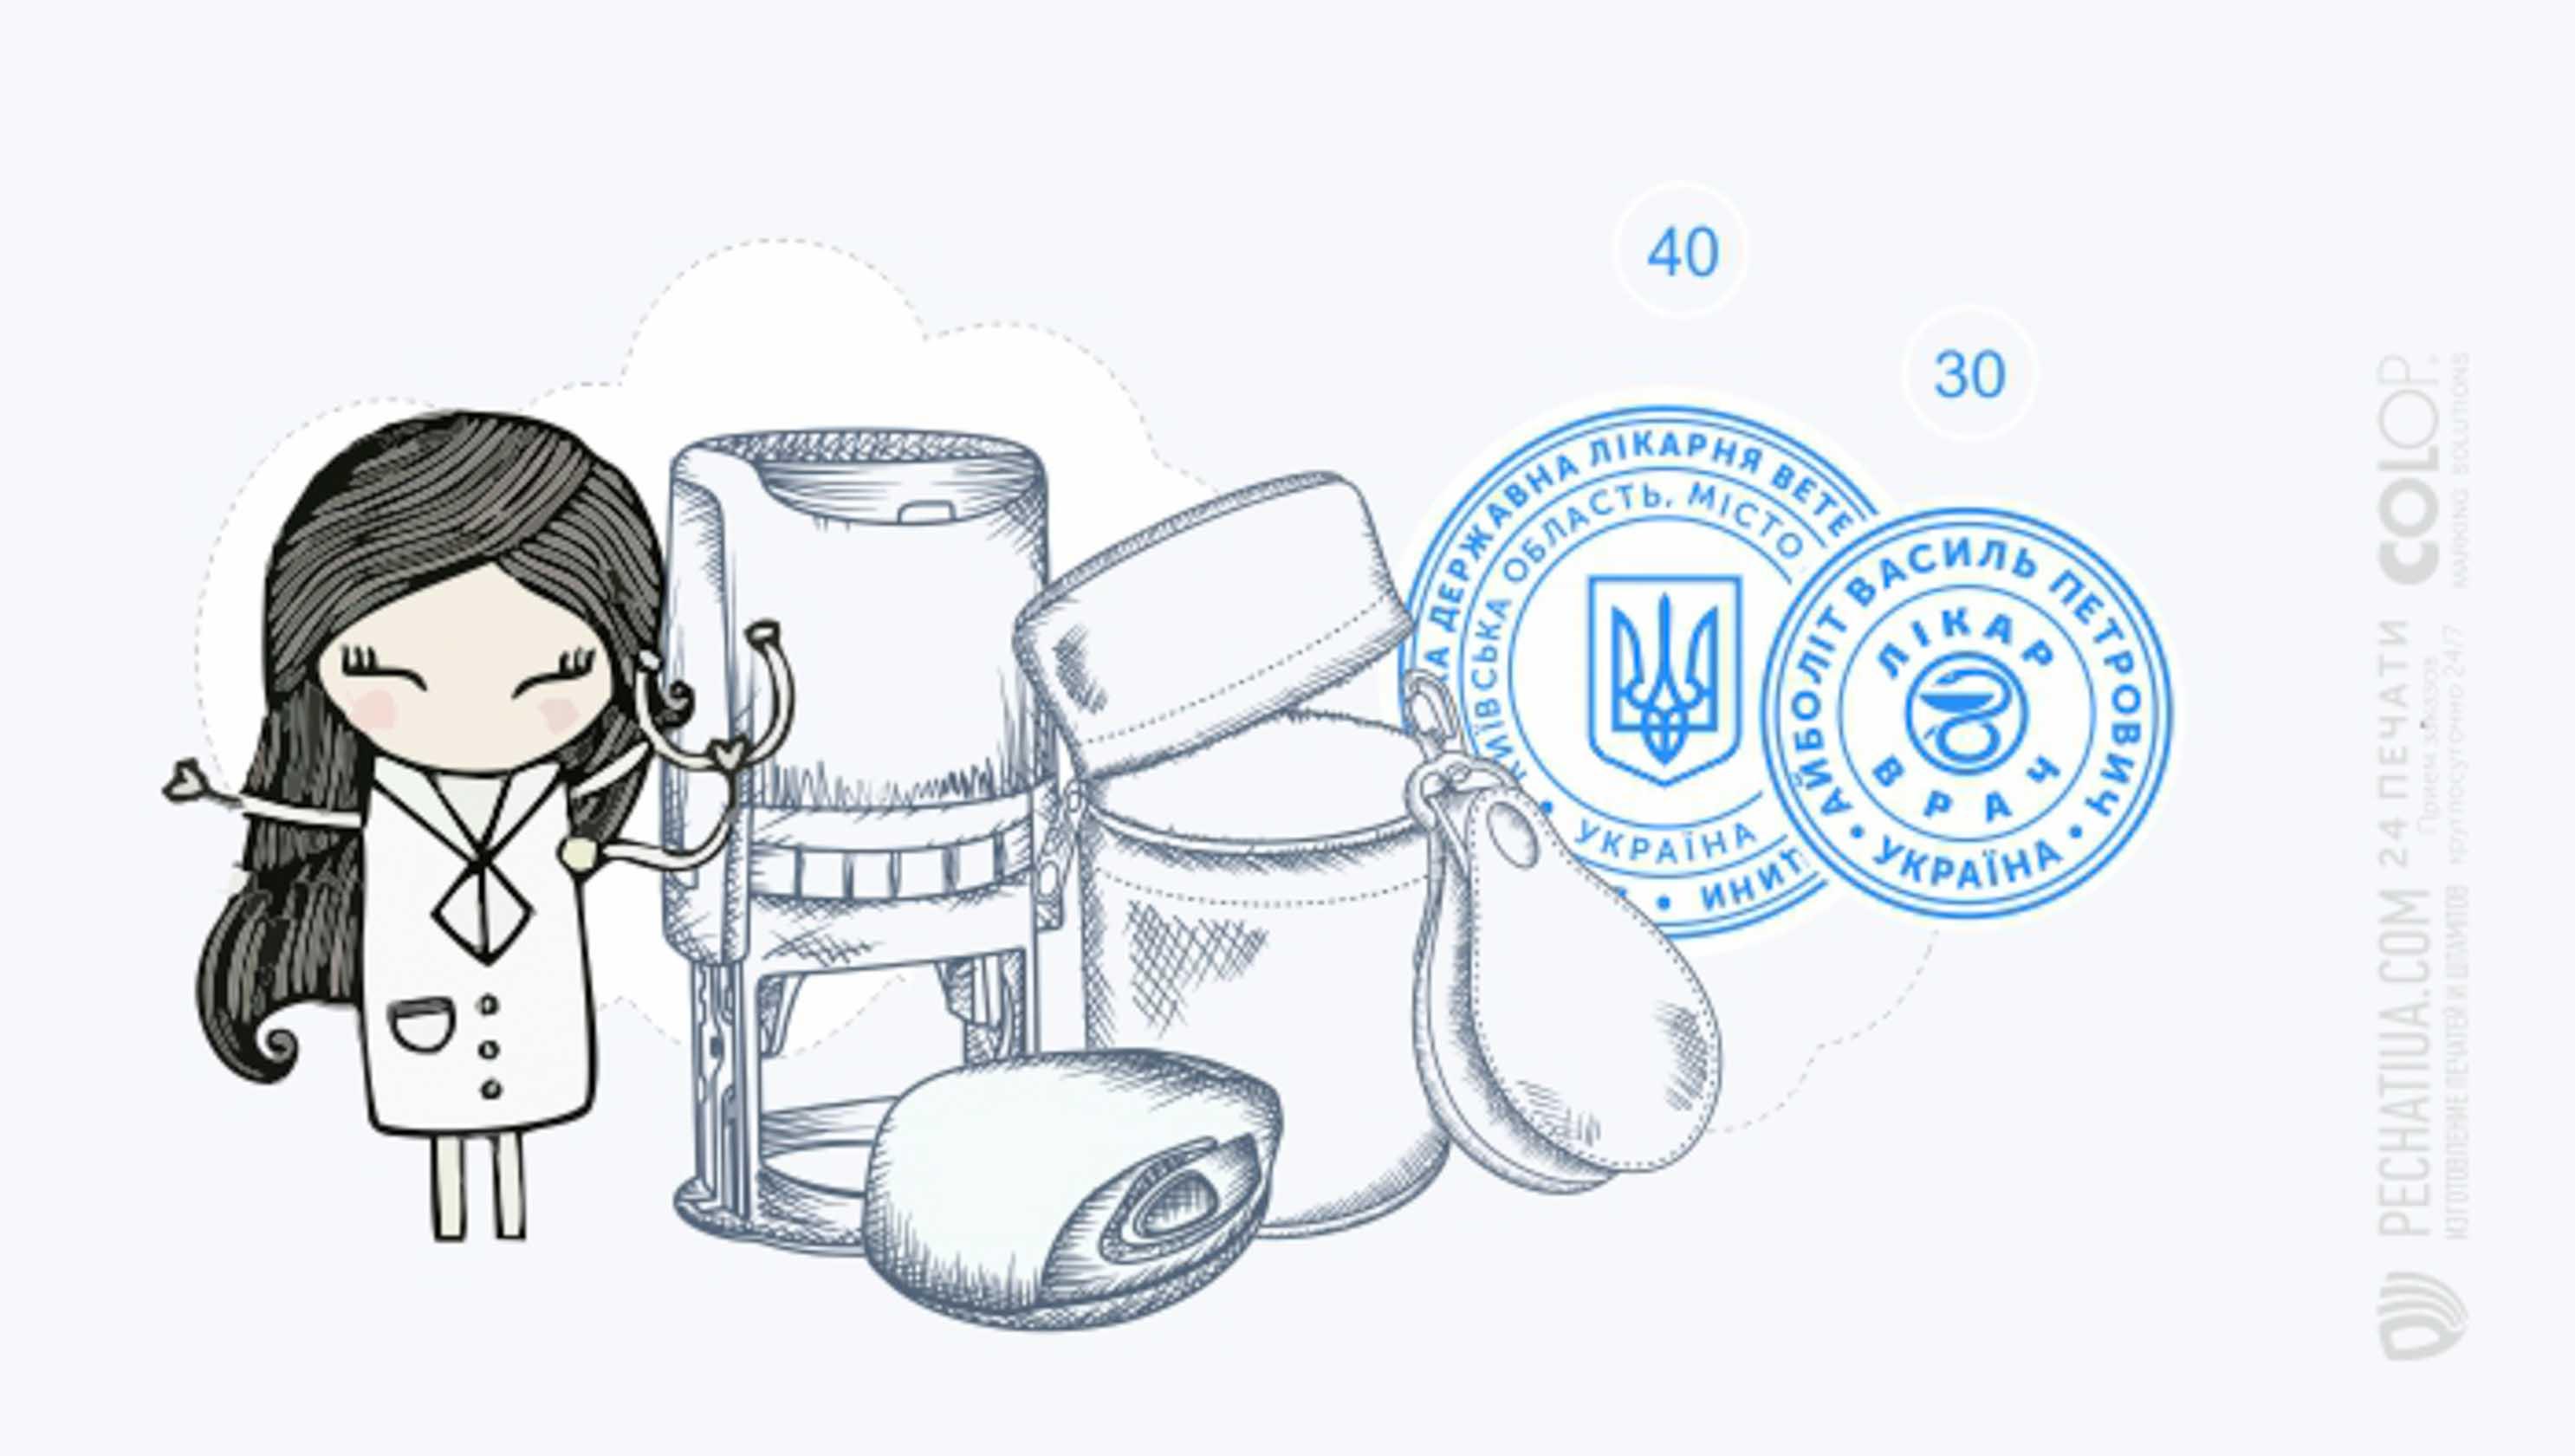 Изготовление печатей Одесса фото 1